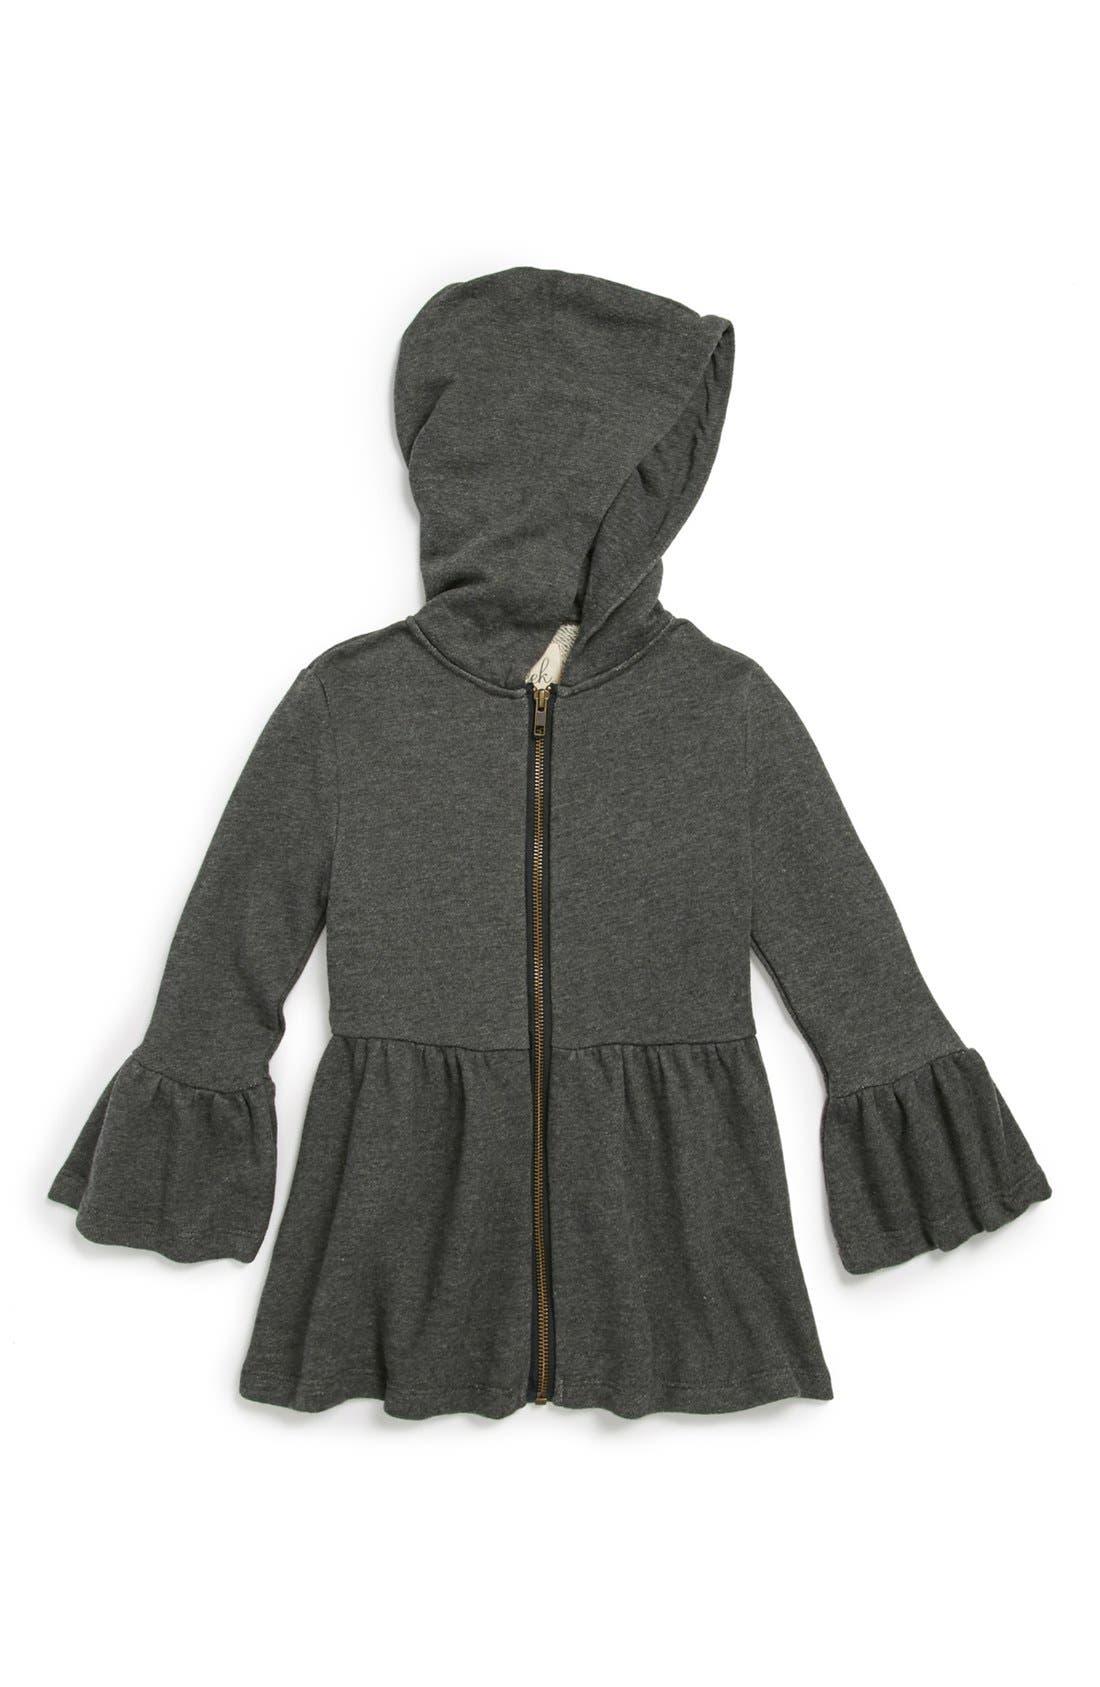 Alternate Image 1 Selected - Peek 'Pippa' Hoodie Jacket (Toddler Girls, Little Girls & Big Girls)